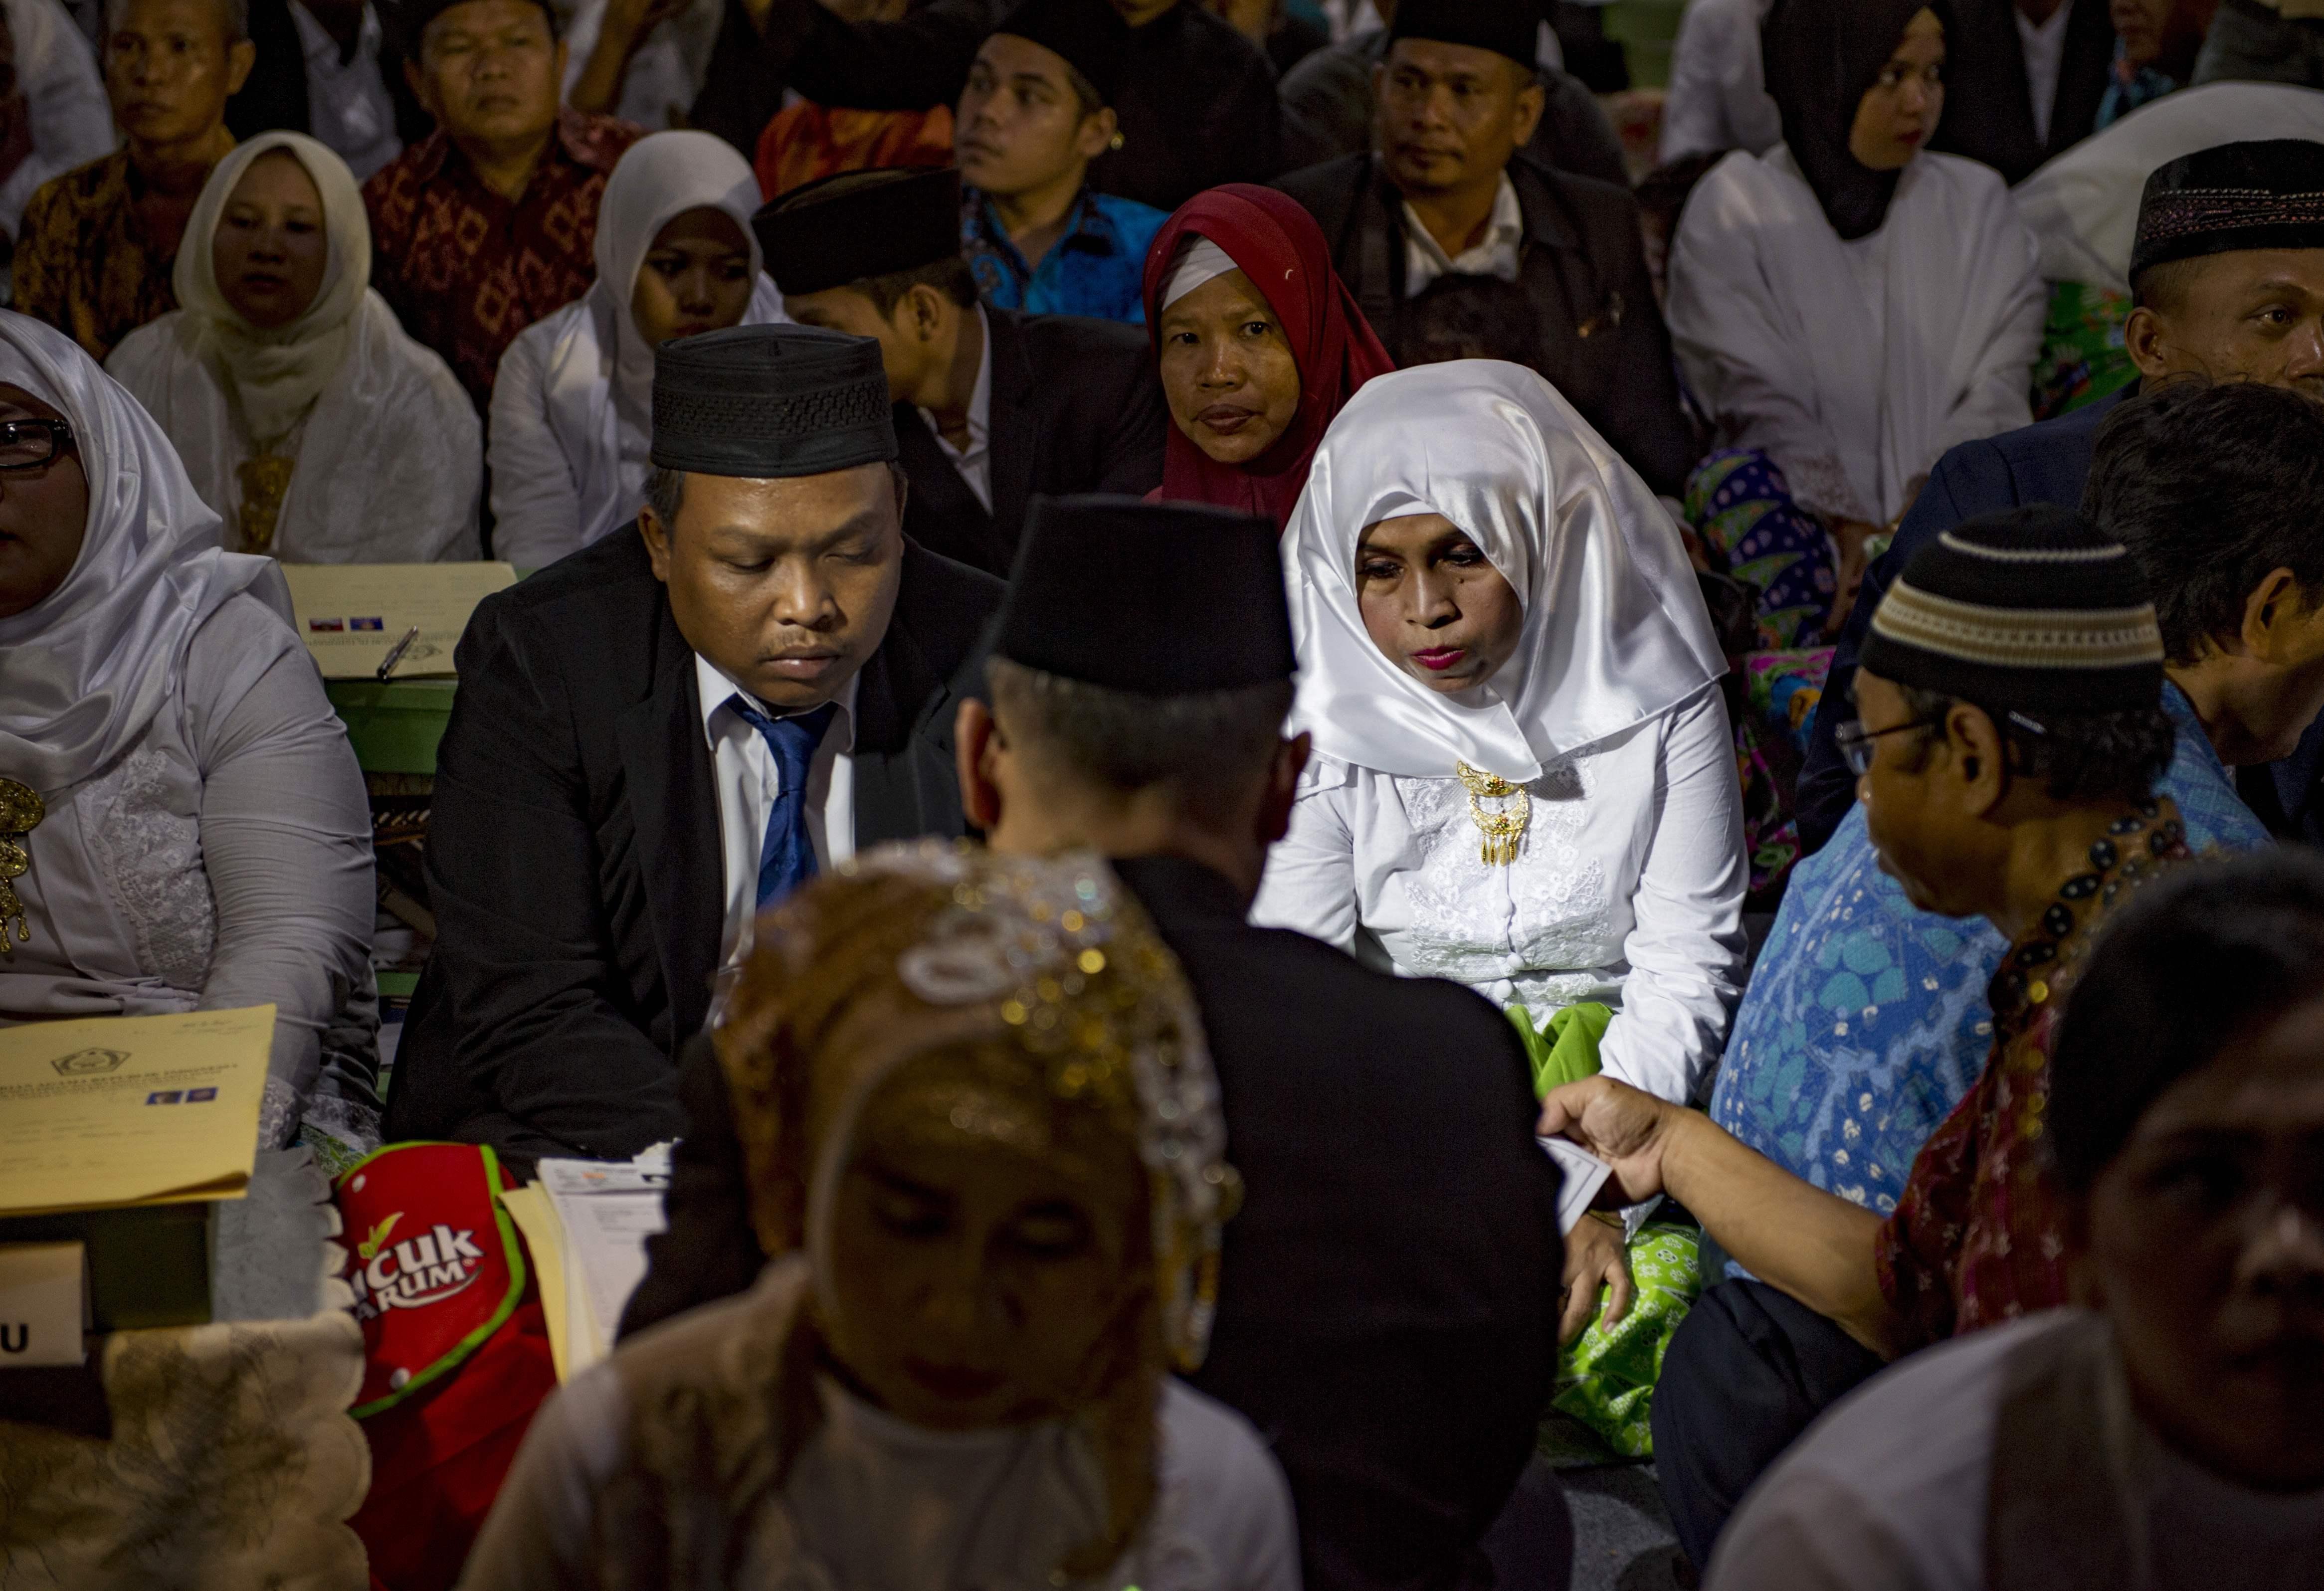 حفلات الزواج الجماعية